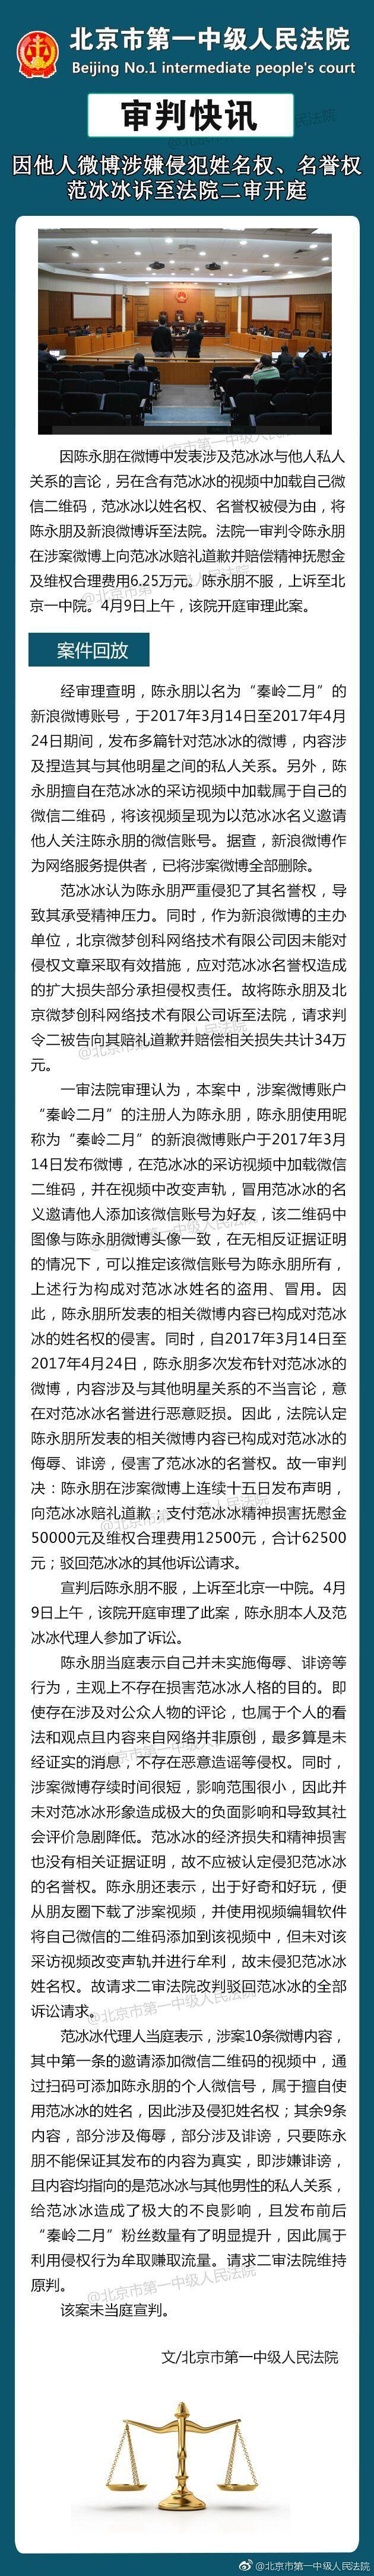 范冰冰姓名权名誉权案二审开庭